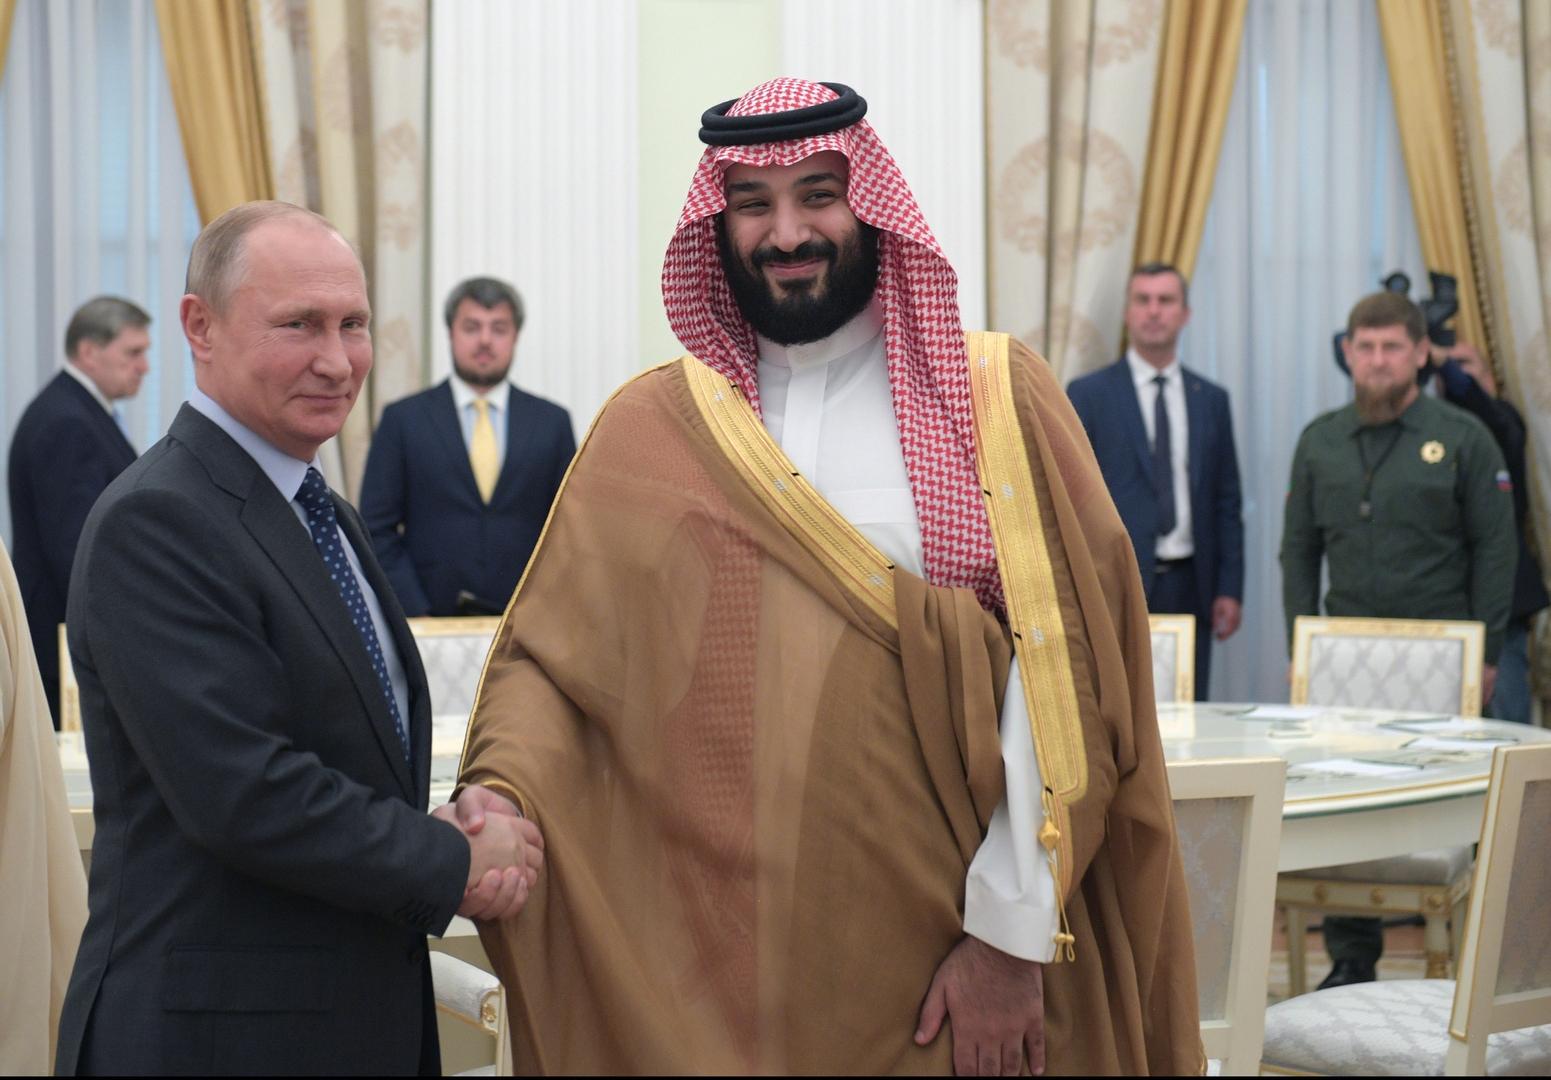 موقع روسي: بن سلمان شجع حرب بوتين في سوريا ودعمها سراً